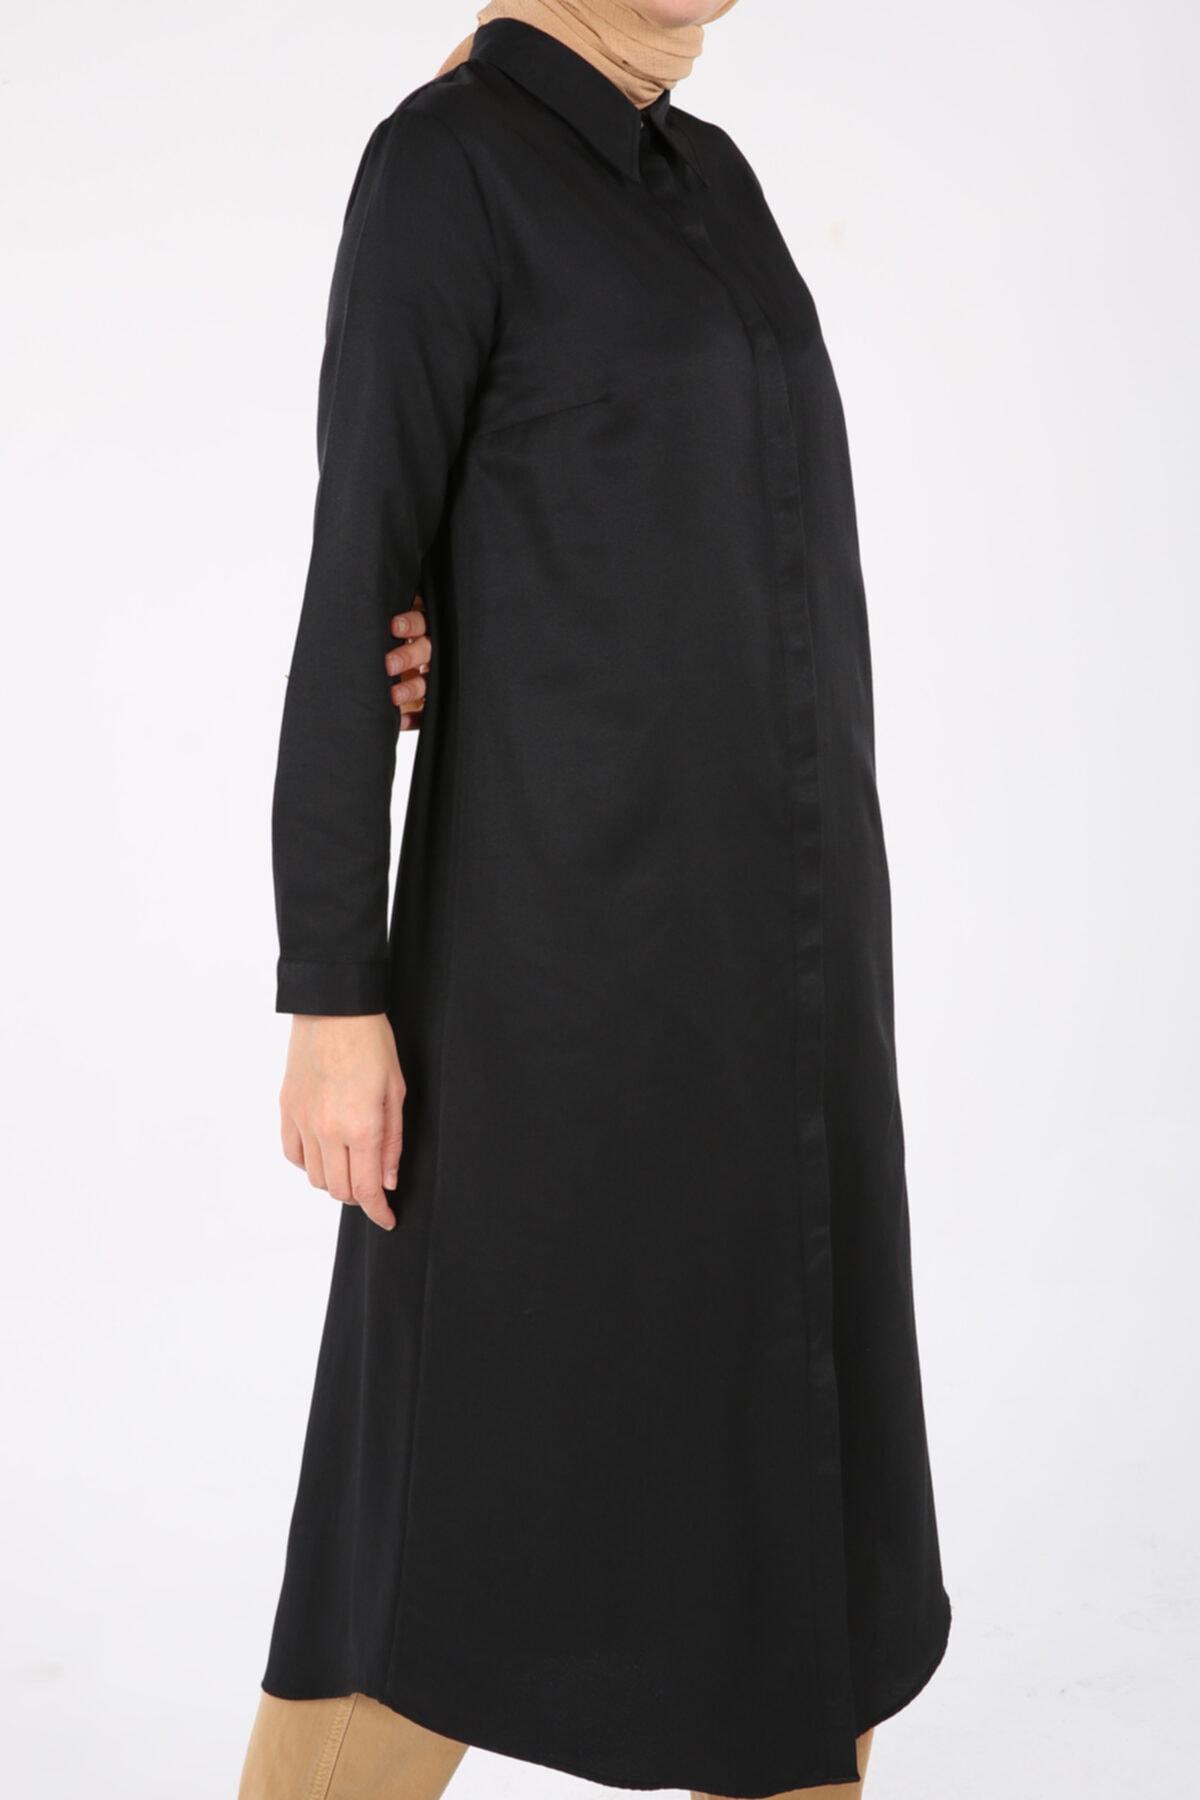 ALLDAY Kadın Siyah Pamuklu Uzun Gömlek 2